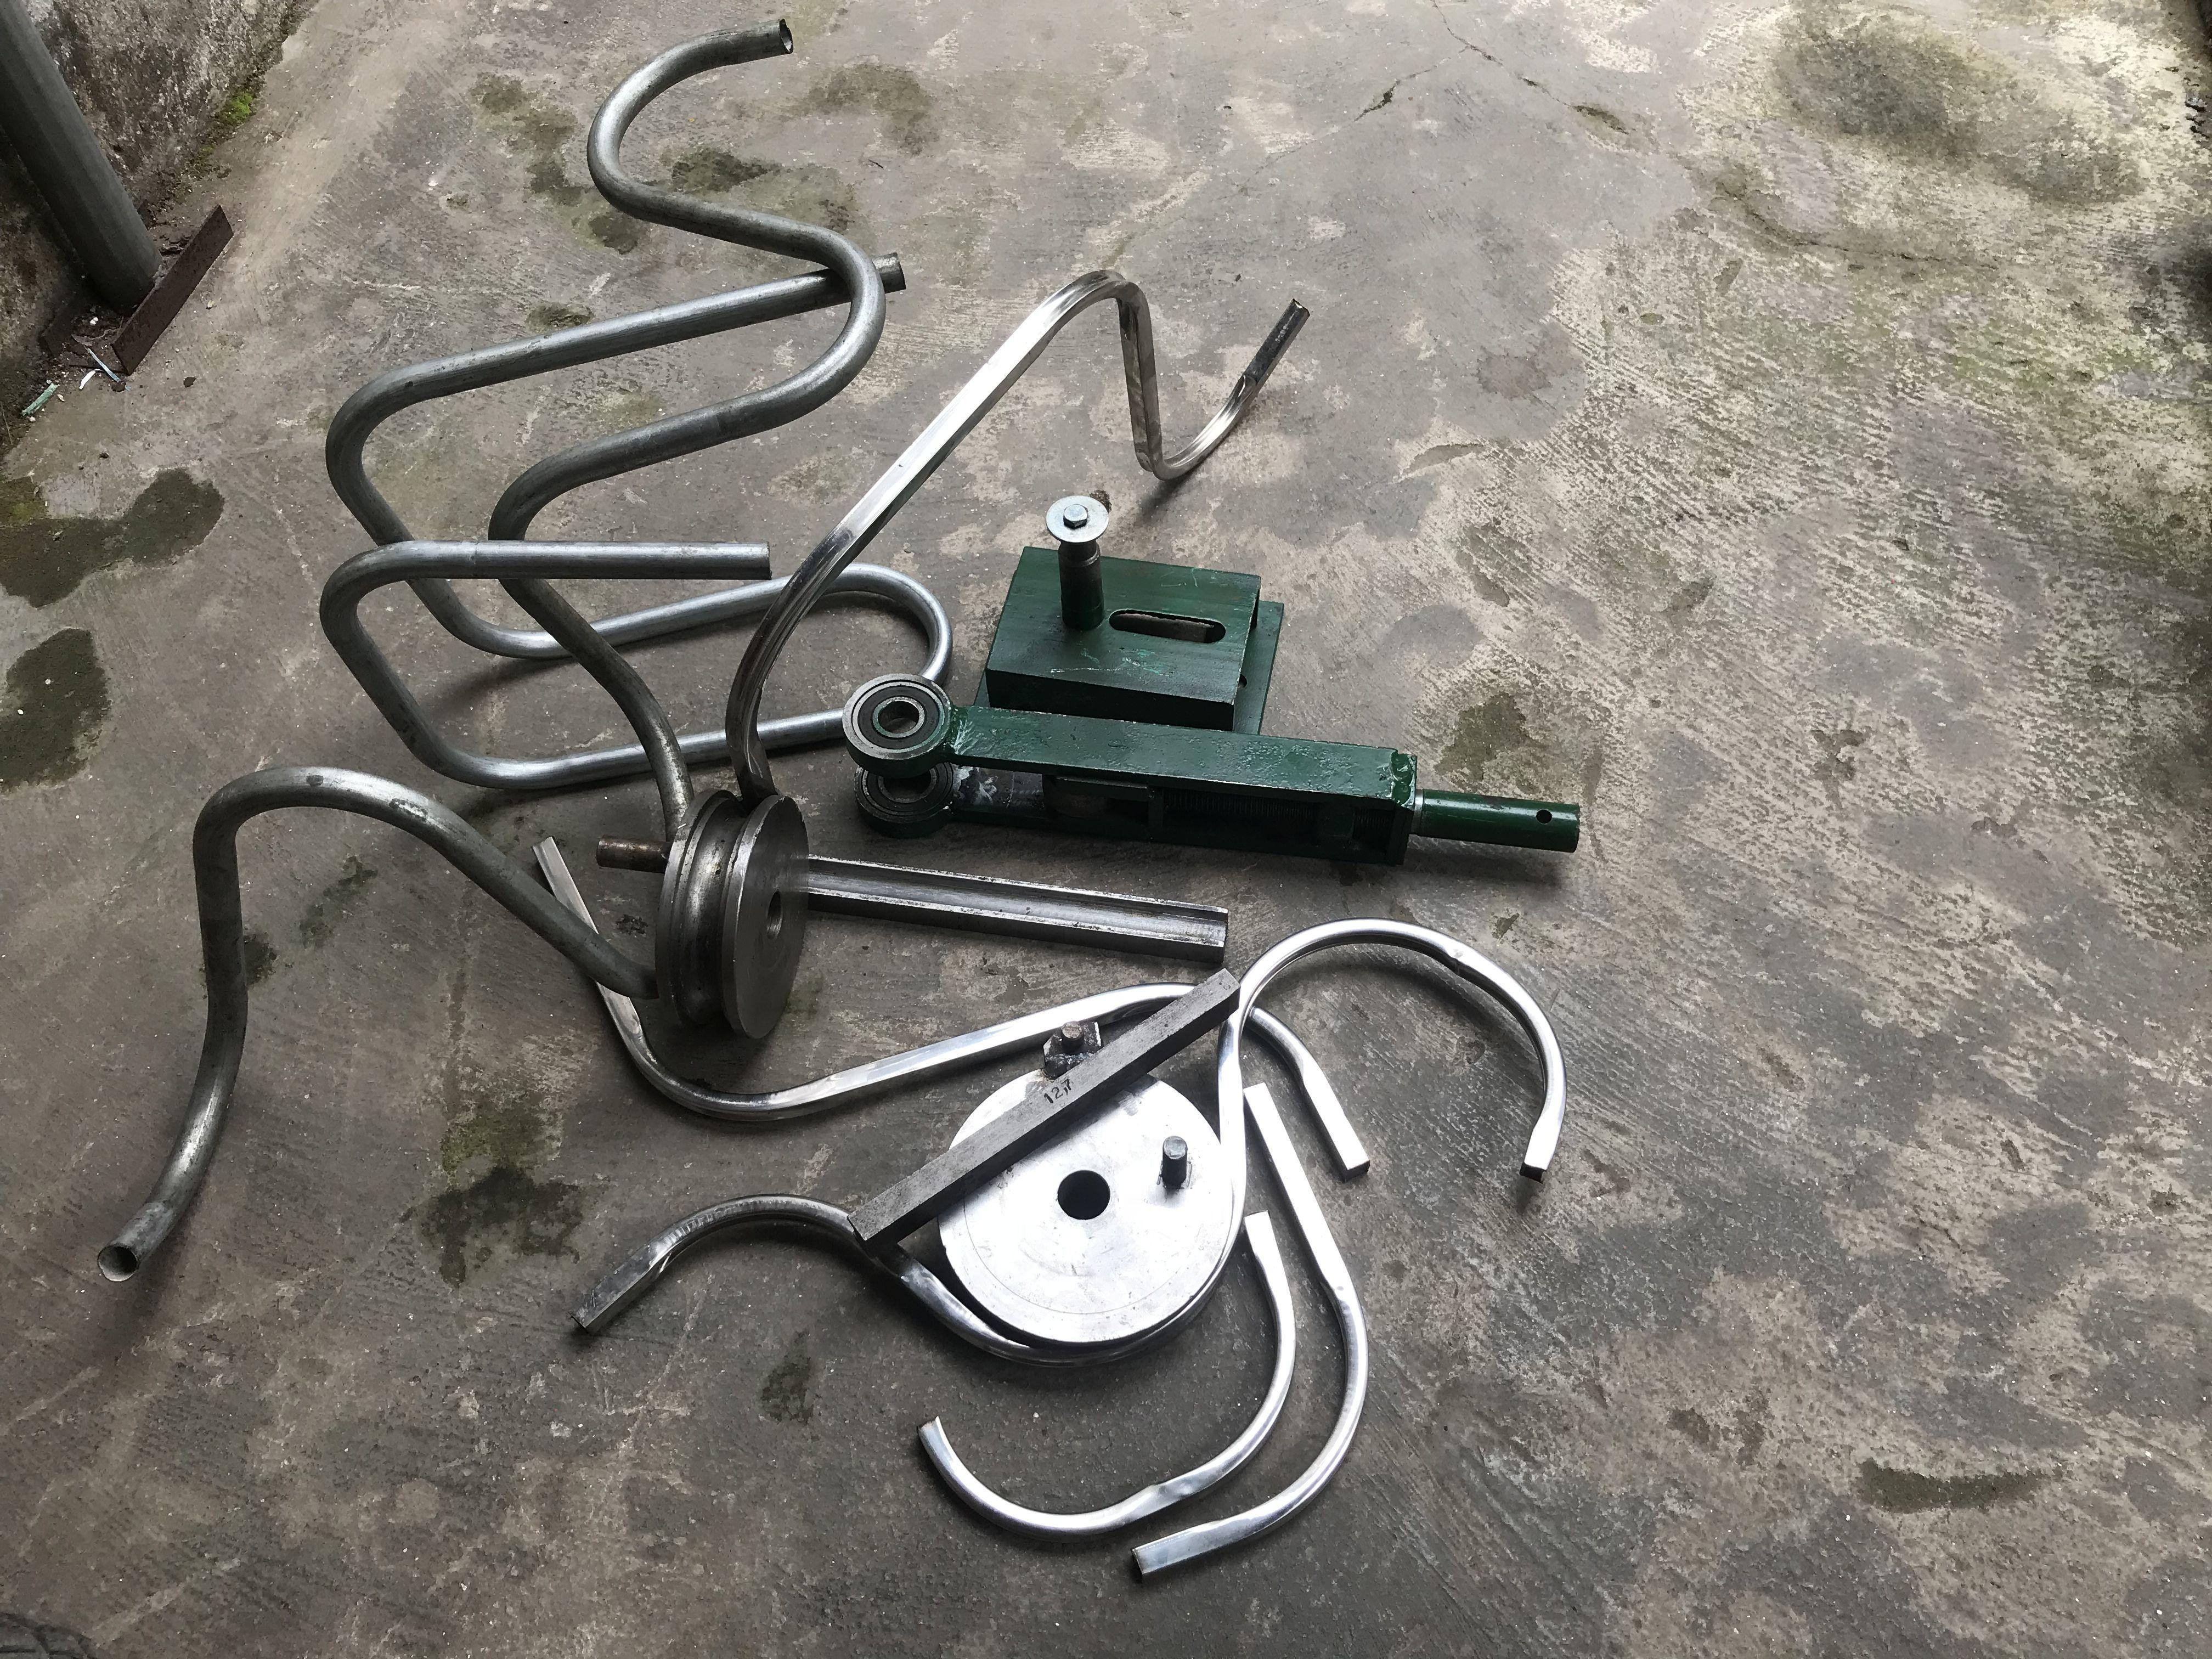 Bộ dụng cụ uốn ống băng tay